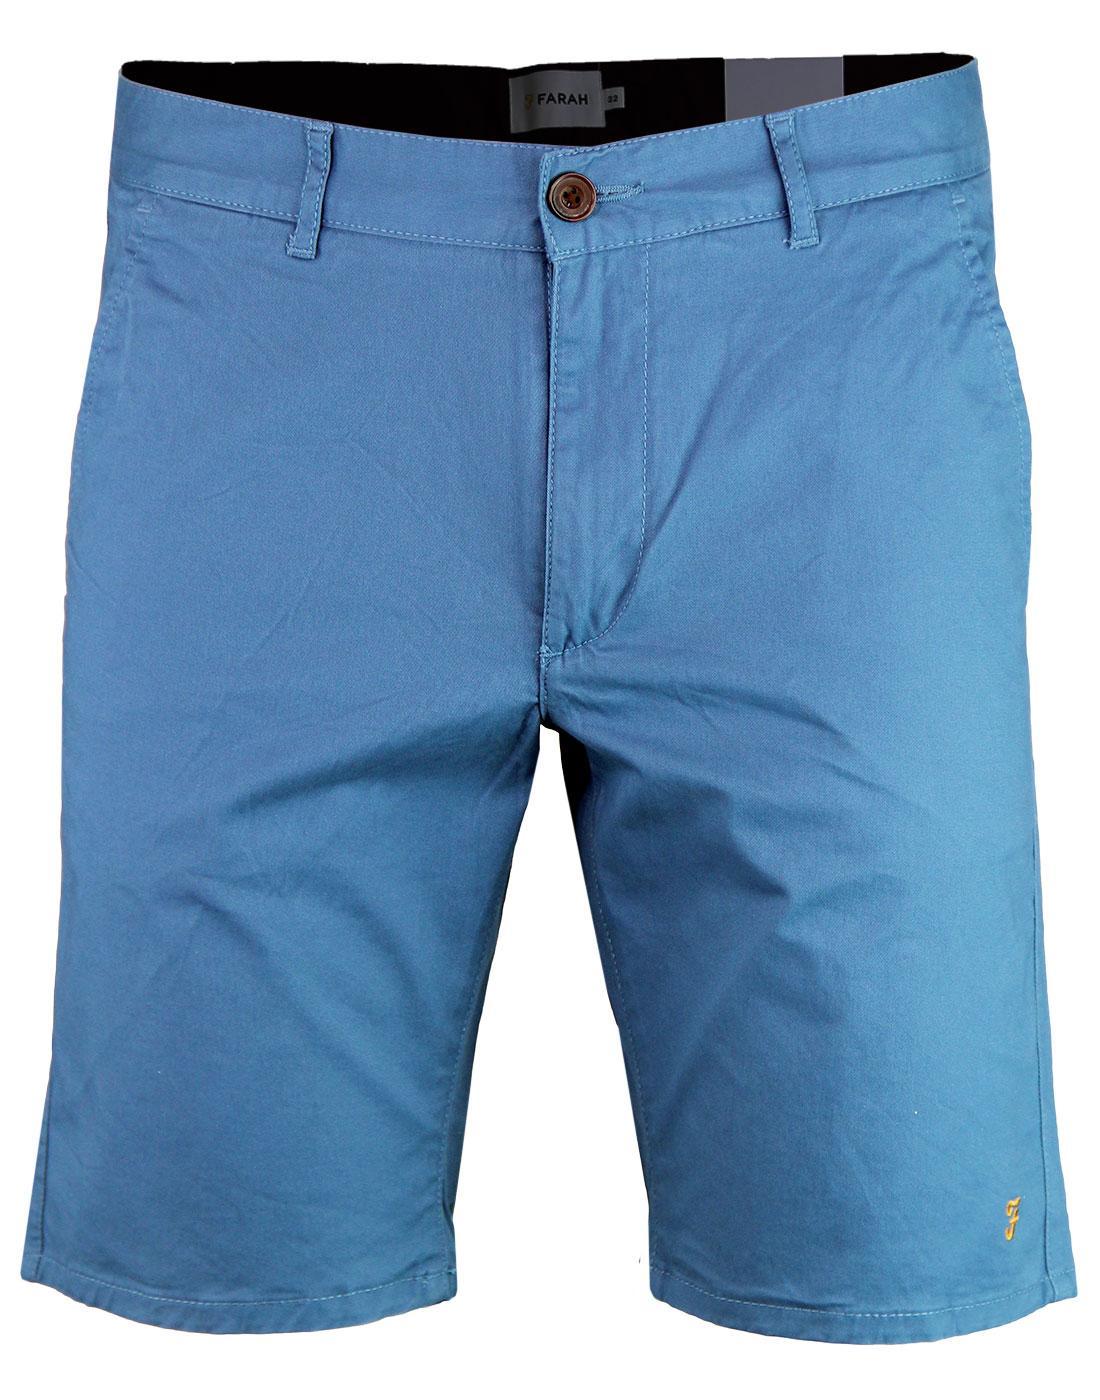 Hawk FARAH Retro 60s Cotton Twill Chino Shorts S